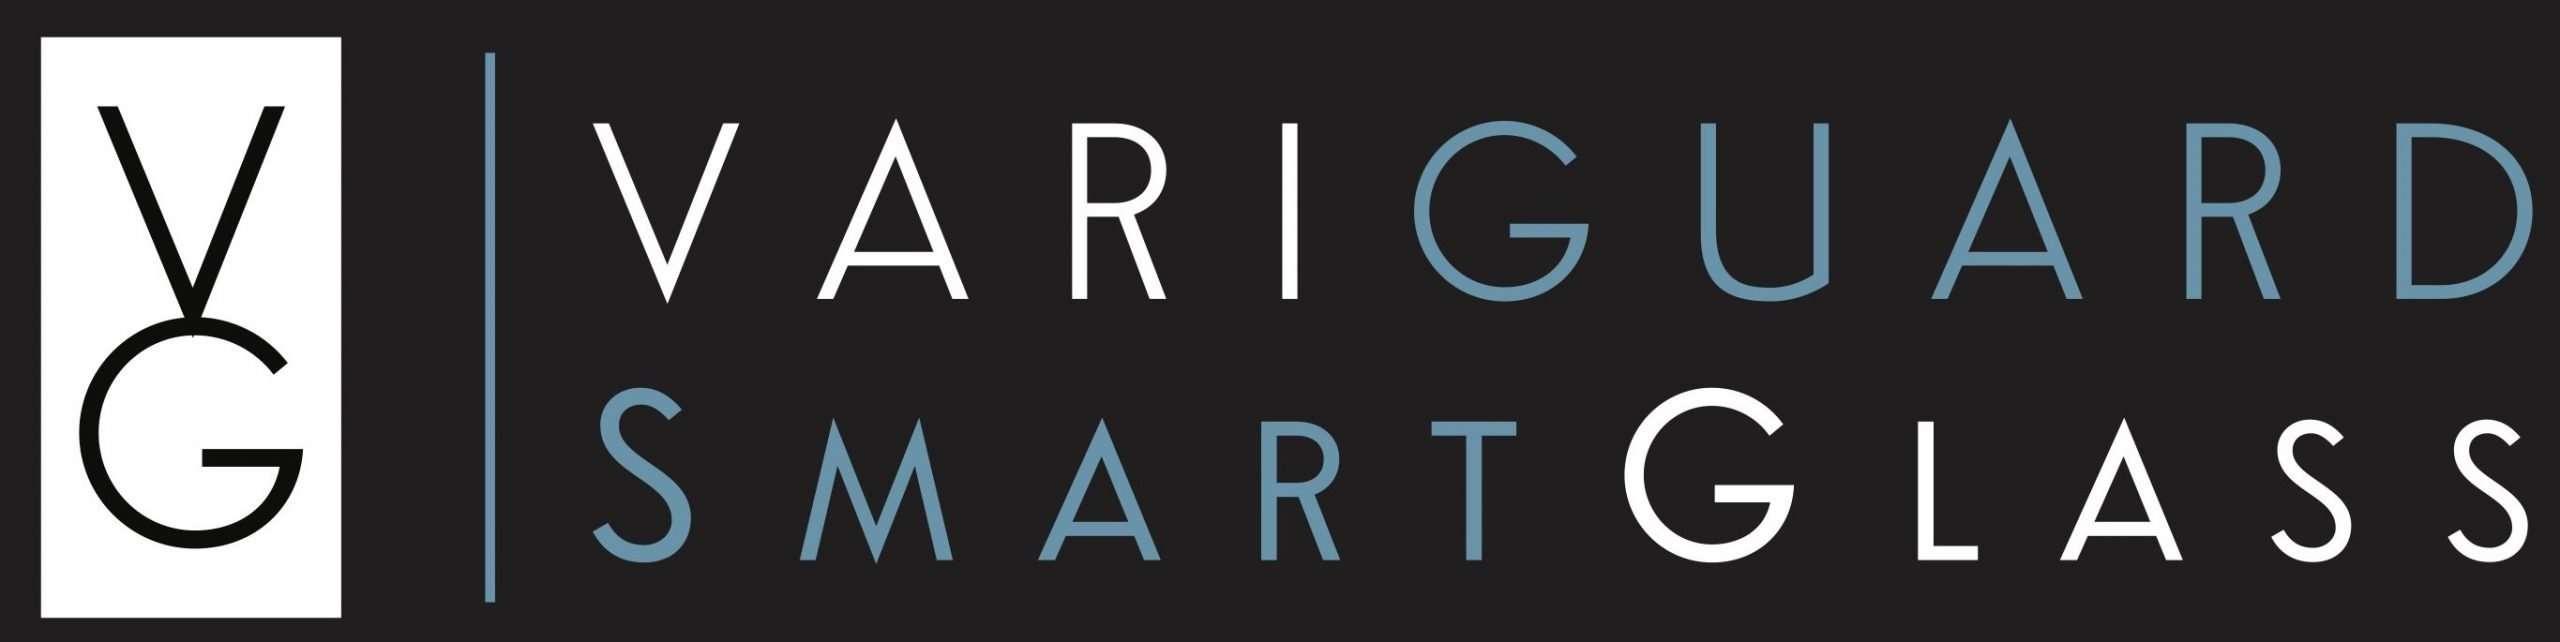 VariGuard SmartGlass Logo